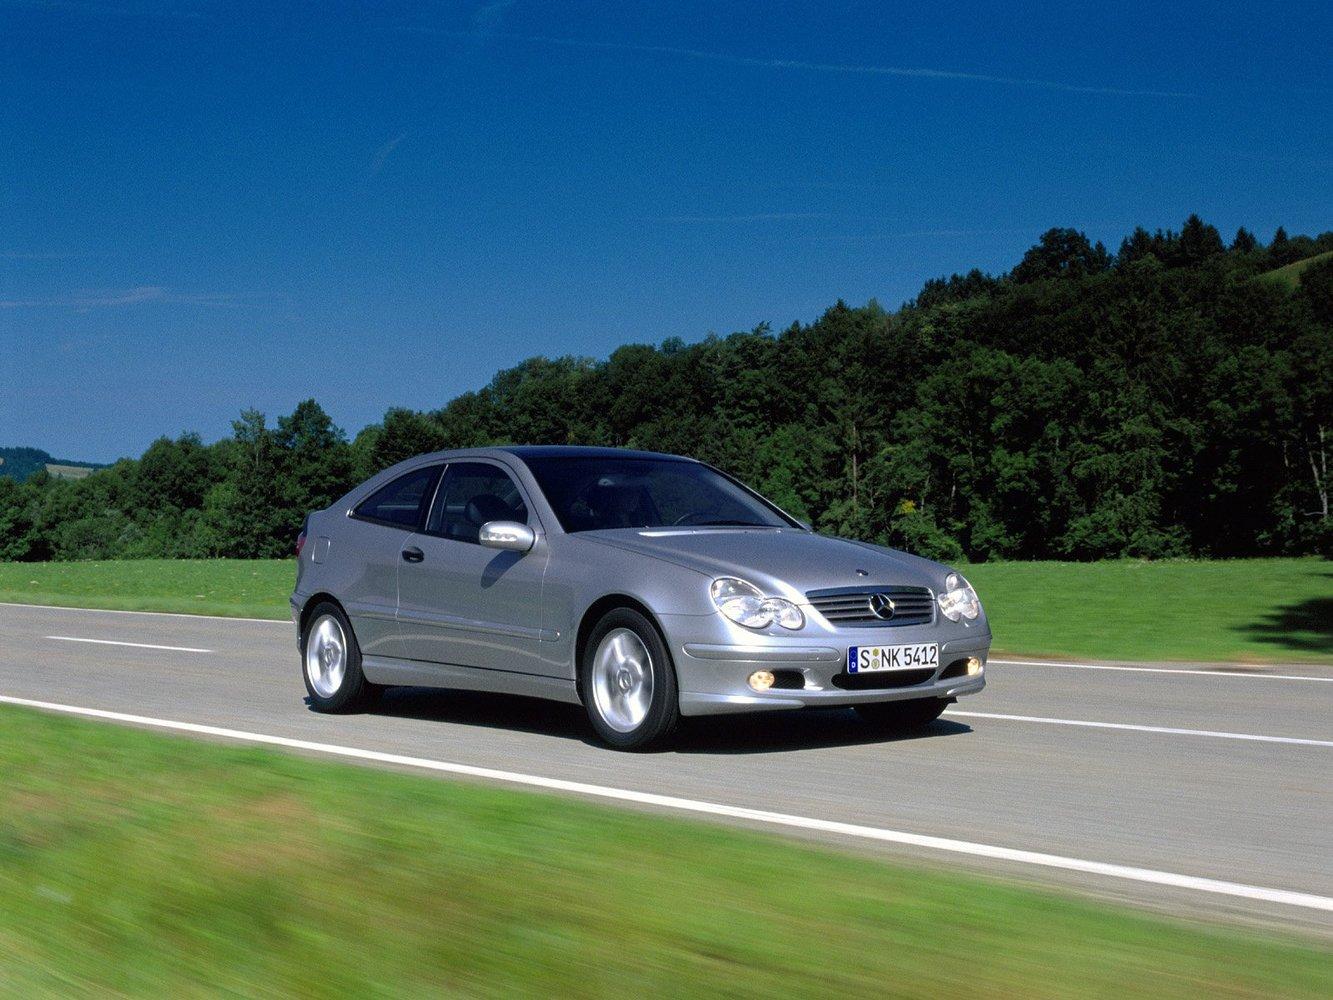 характеристики автомобиля хэтчбек 3 дв Mercedes Benz C Klasse 2000